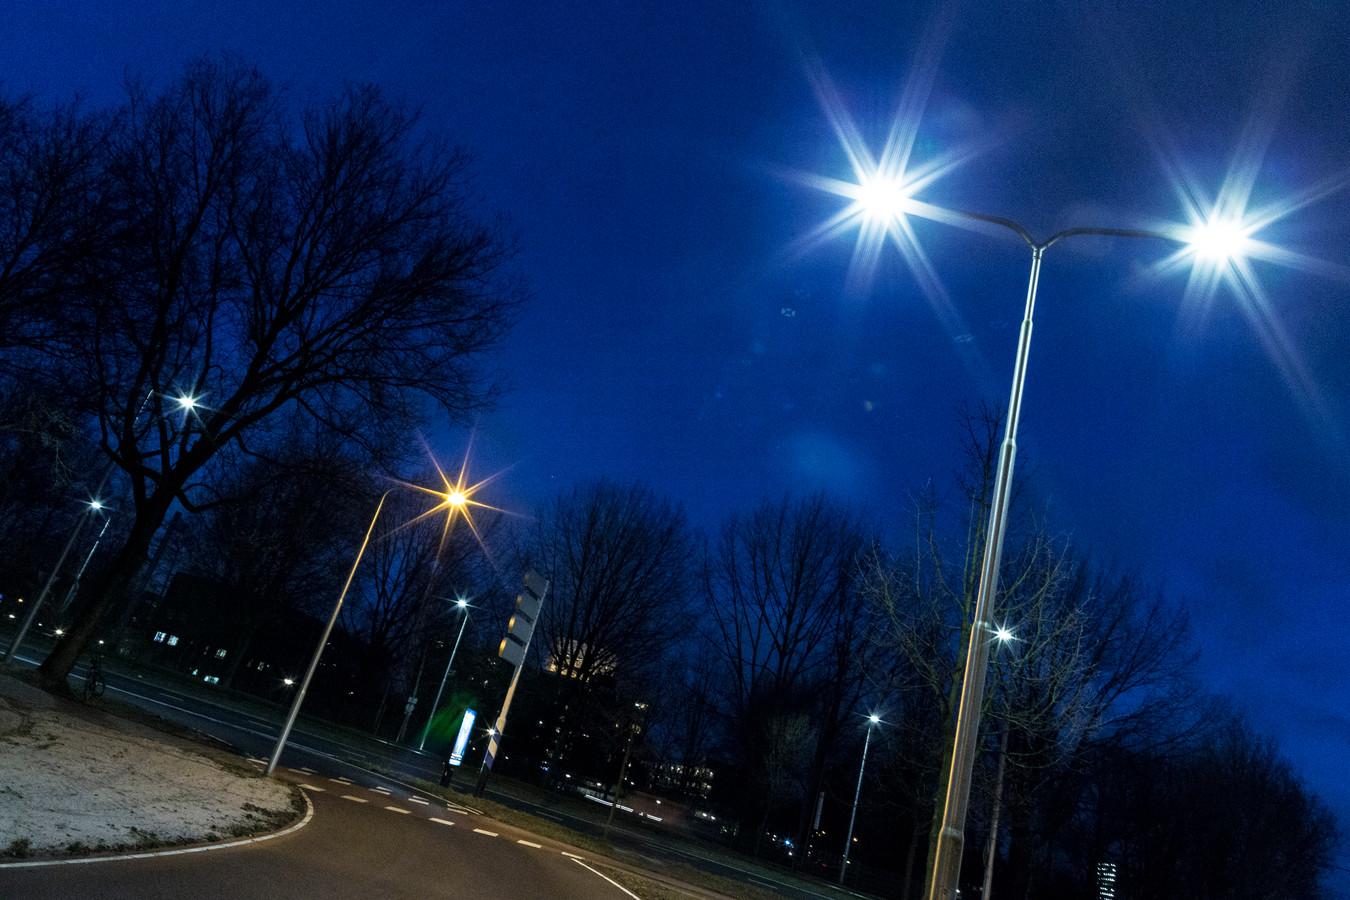 Het verschil tussen led-verlichting en oude straatverlichting is op deze foto mooi te zien. Het witte licht is led-verlichting en de oranje lampen zijn de oudere modellen.